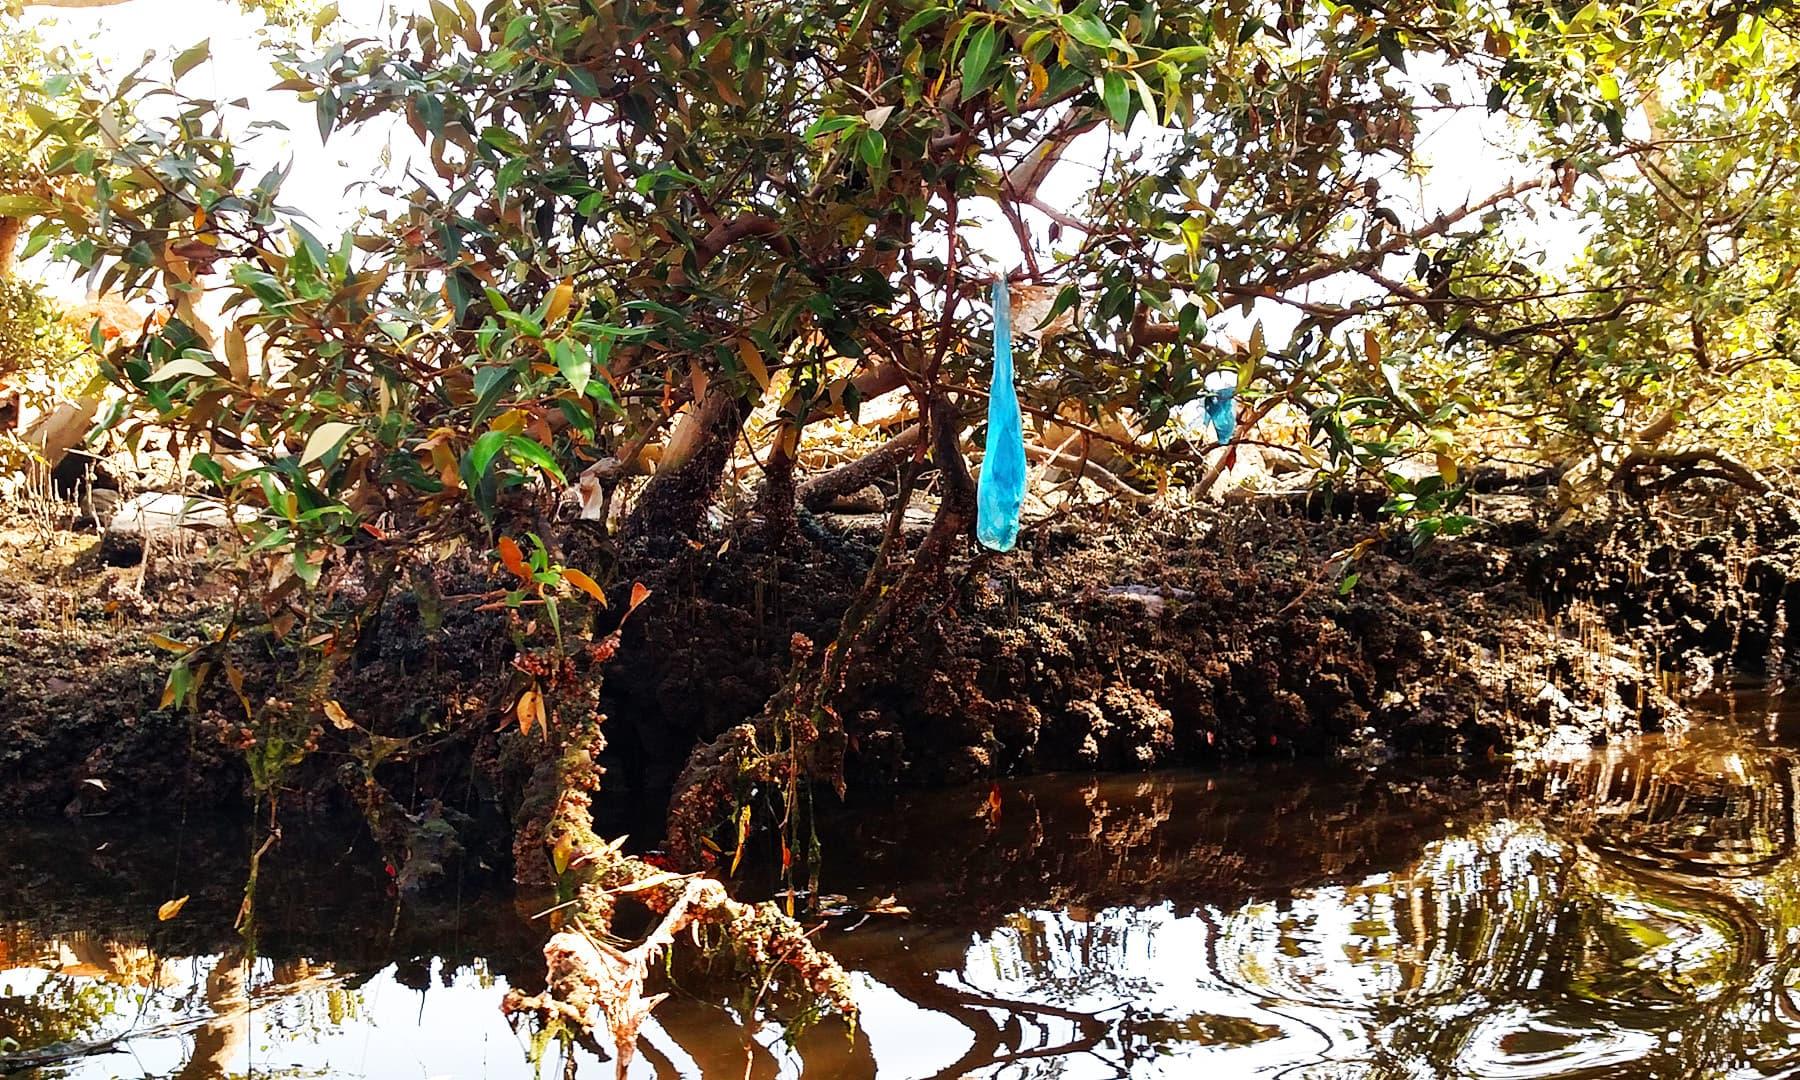 ایک درخت سے پلاسٹک کی تھیلی لٹک رہی ہے — فوٹو بشکریہ لکھاری